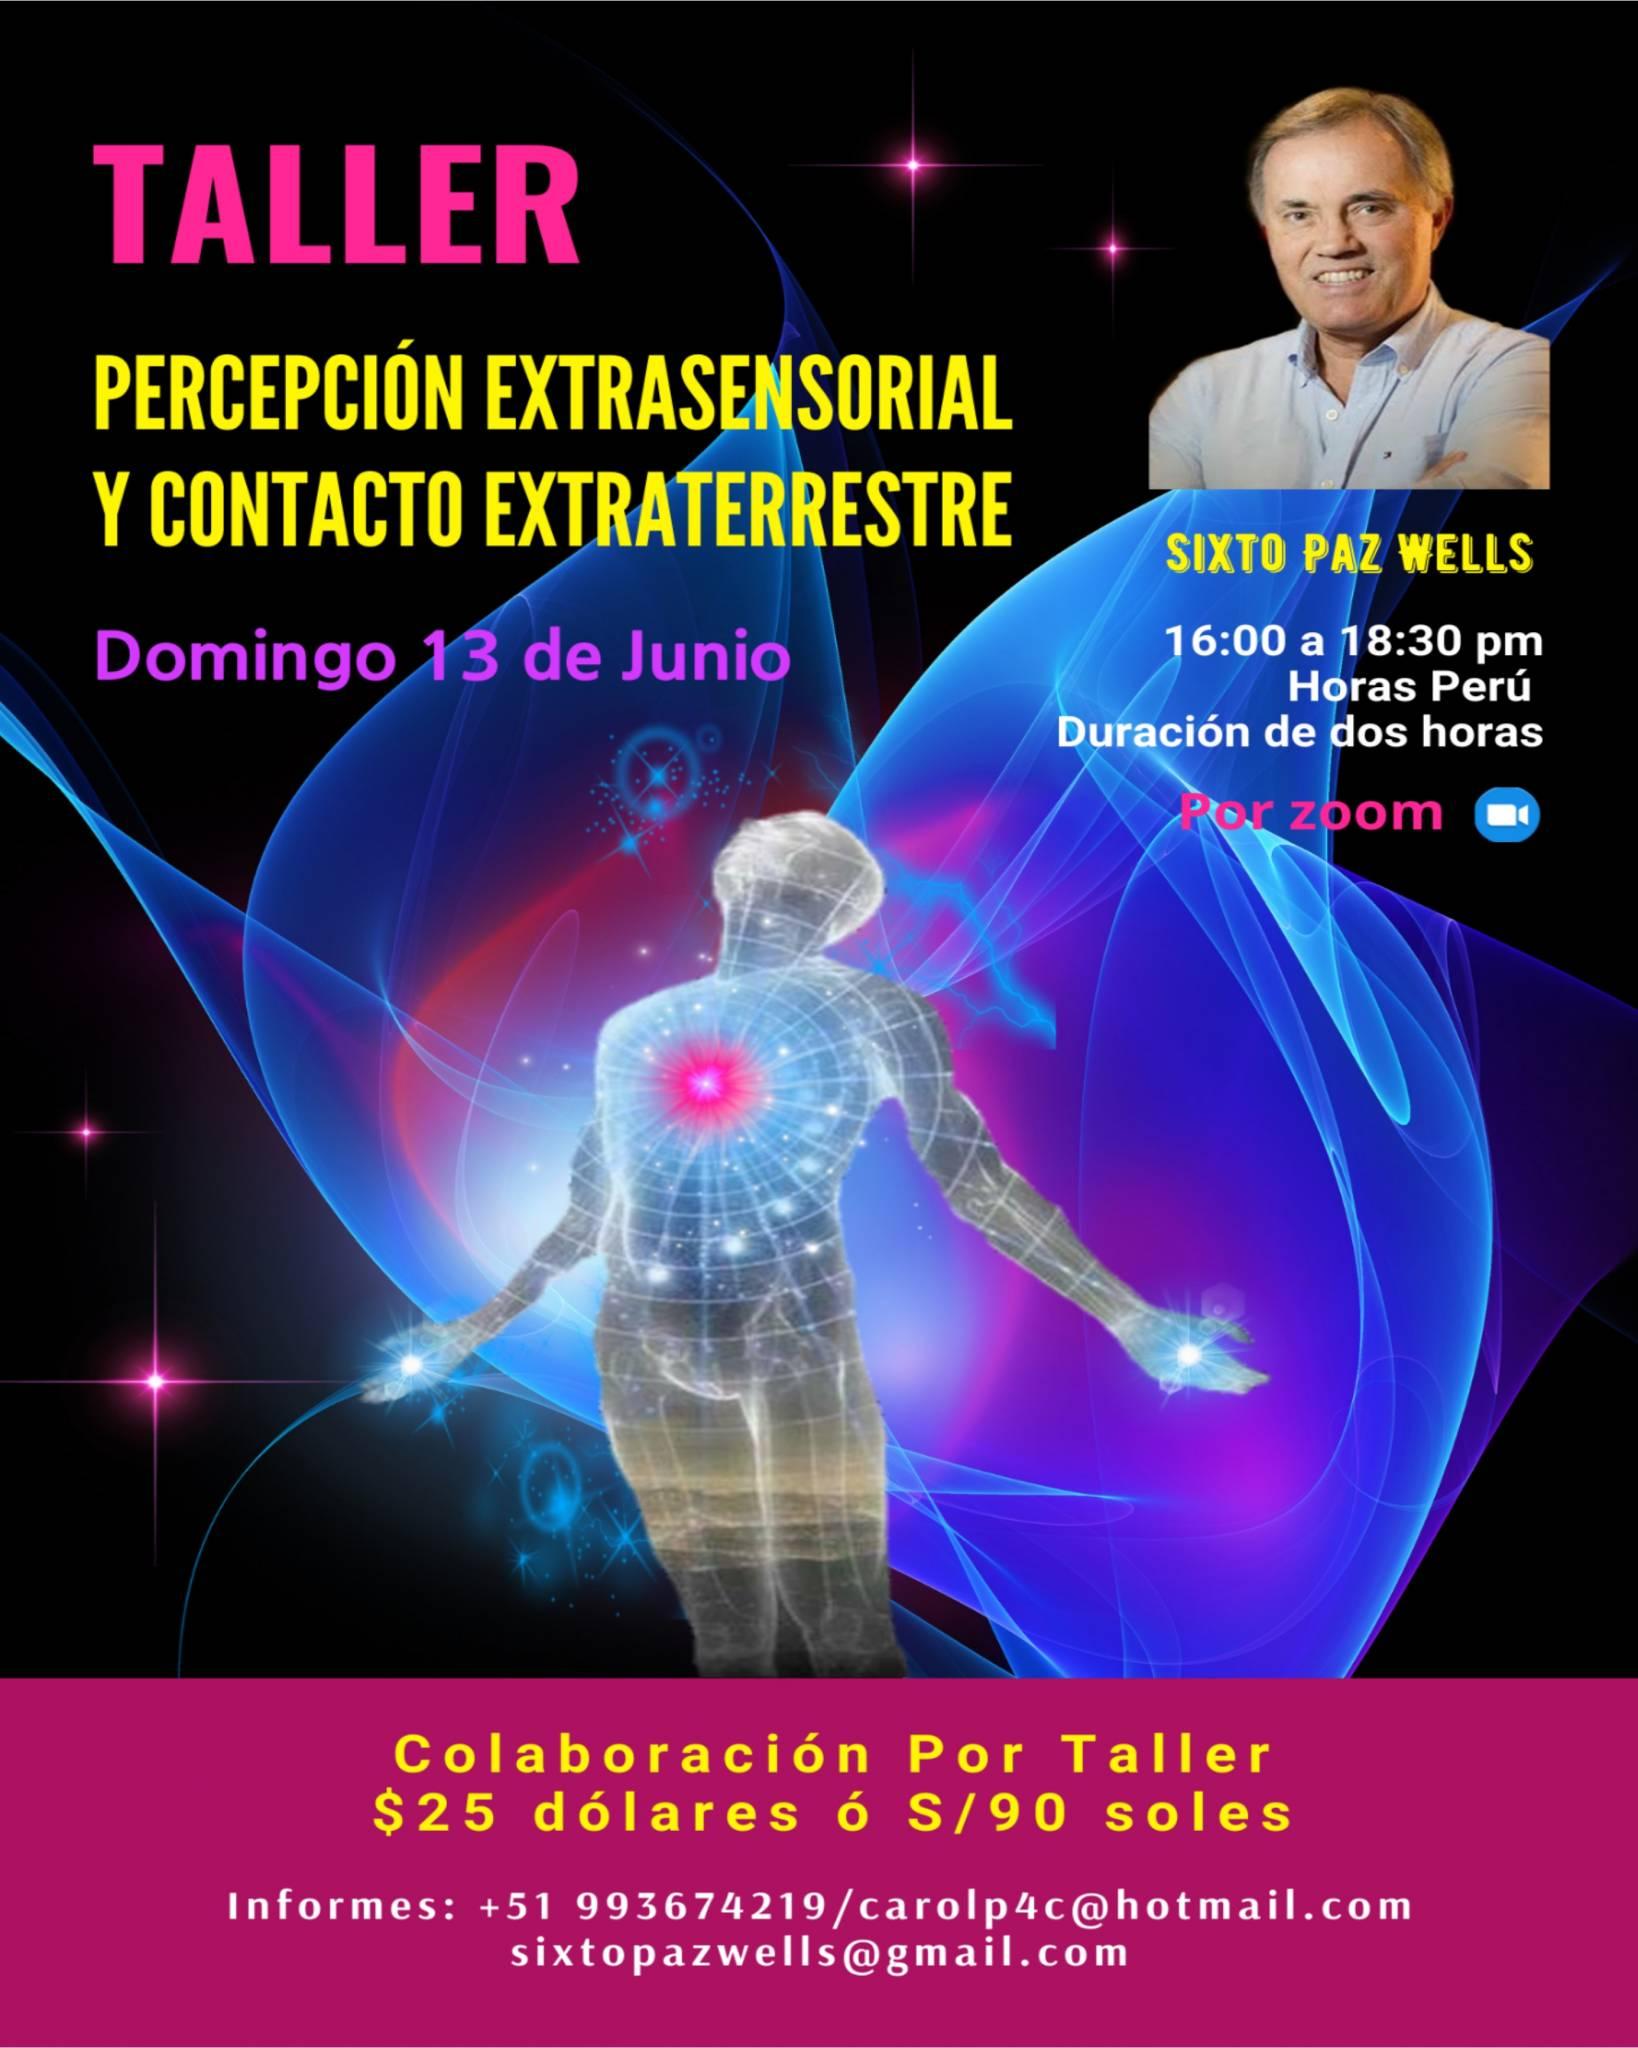 TALLER PERCEPCIÓN EXTRASENSORIAL Y CONTACTO EXTRATERRESTRE